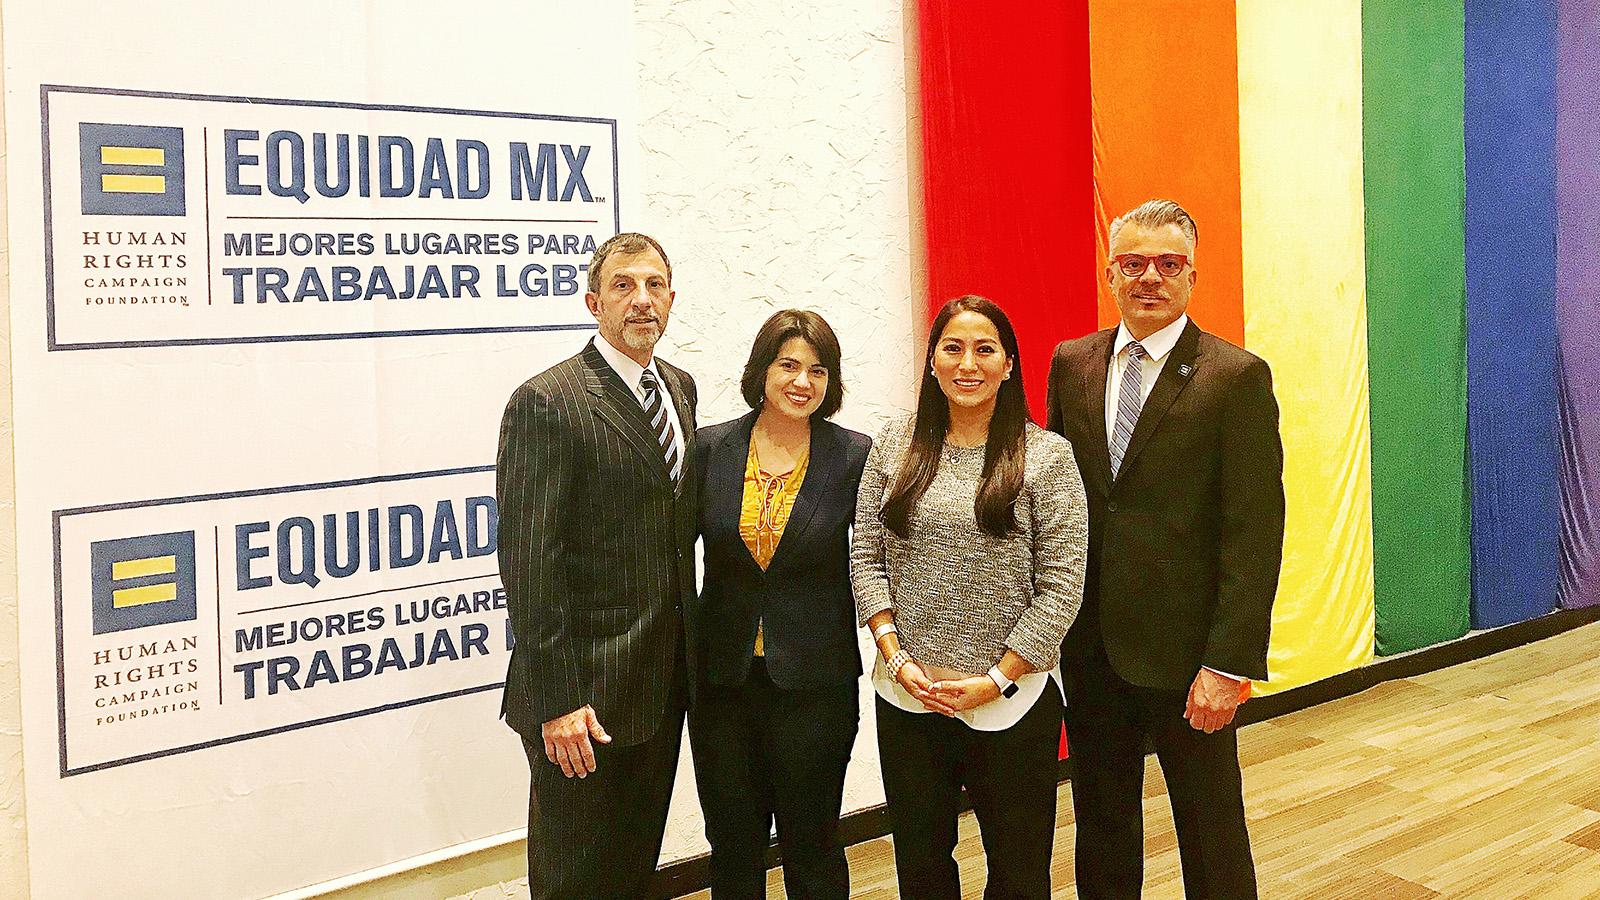 HRC Equidad MX dobla el número de empresas comprometidas con la inclusión LGBT en México